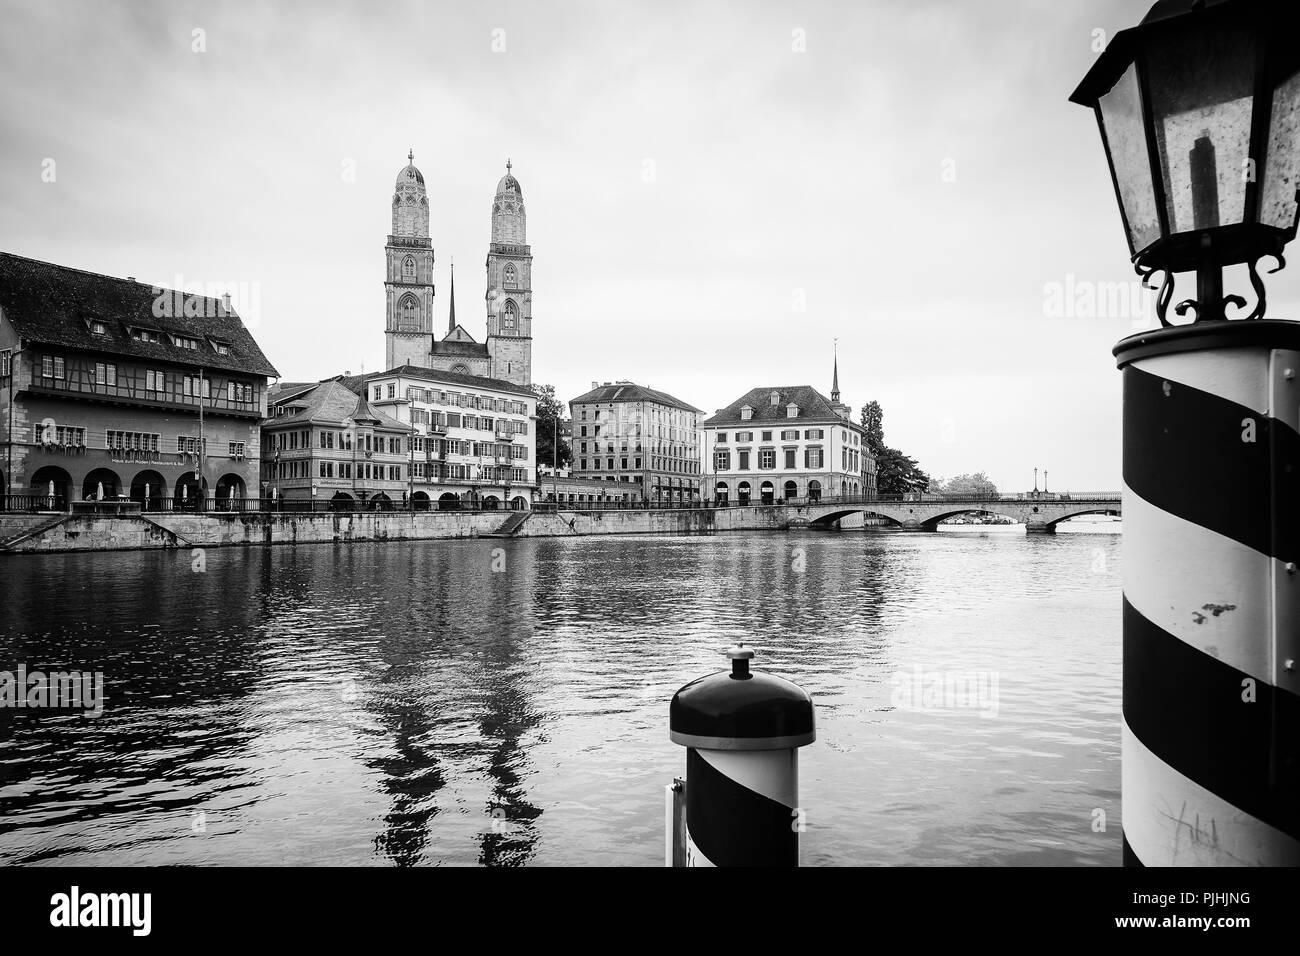 Pier on the Limmat river, Zurich, Switzerland - Stock Image